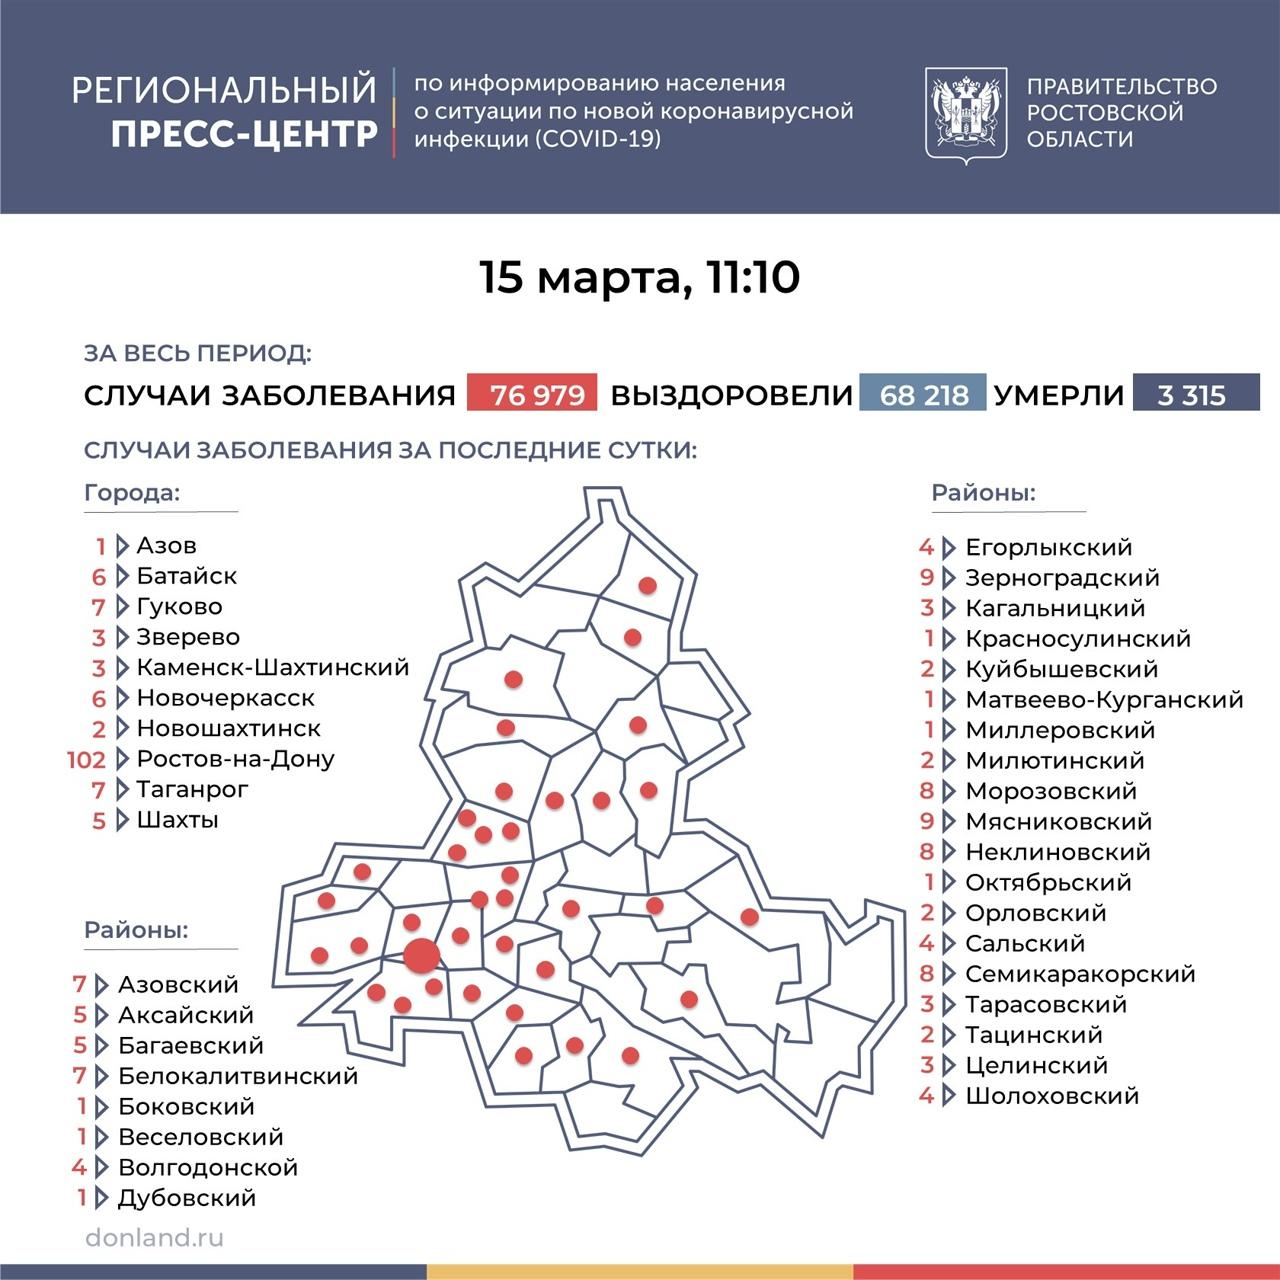 На Дону число инфицированных COVID-19 снизилось до 248, в Таганроге 7 новых случаев